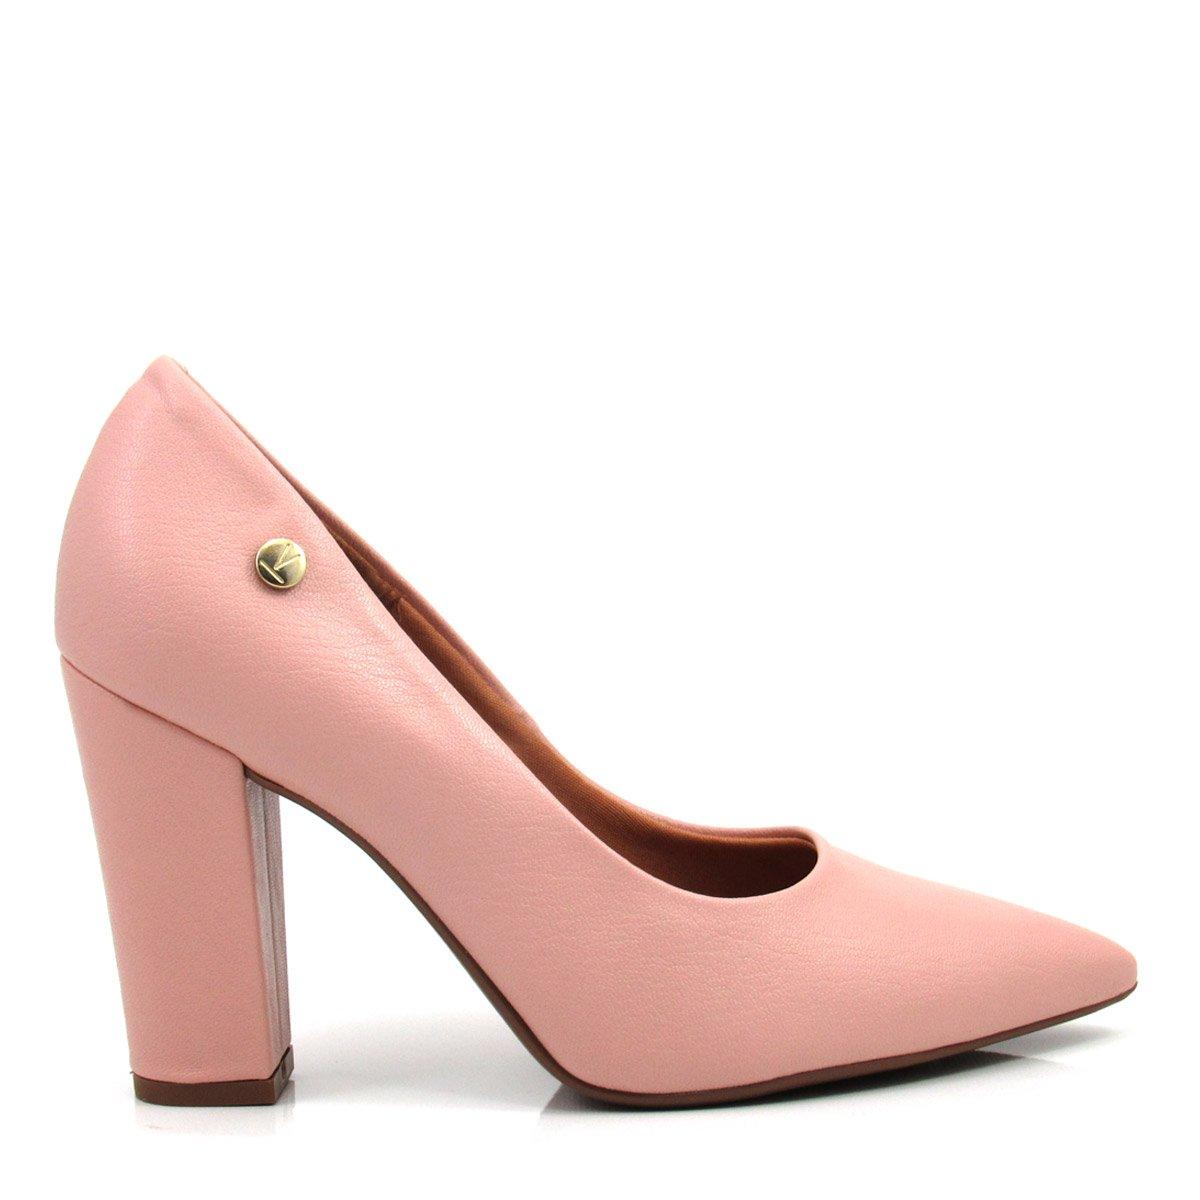 dd15cc5209 Sapato Feminino Scarpin Salto Grosso Vizzano 1264100 Coleção 2018